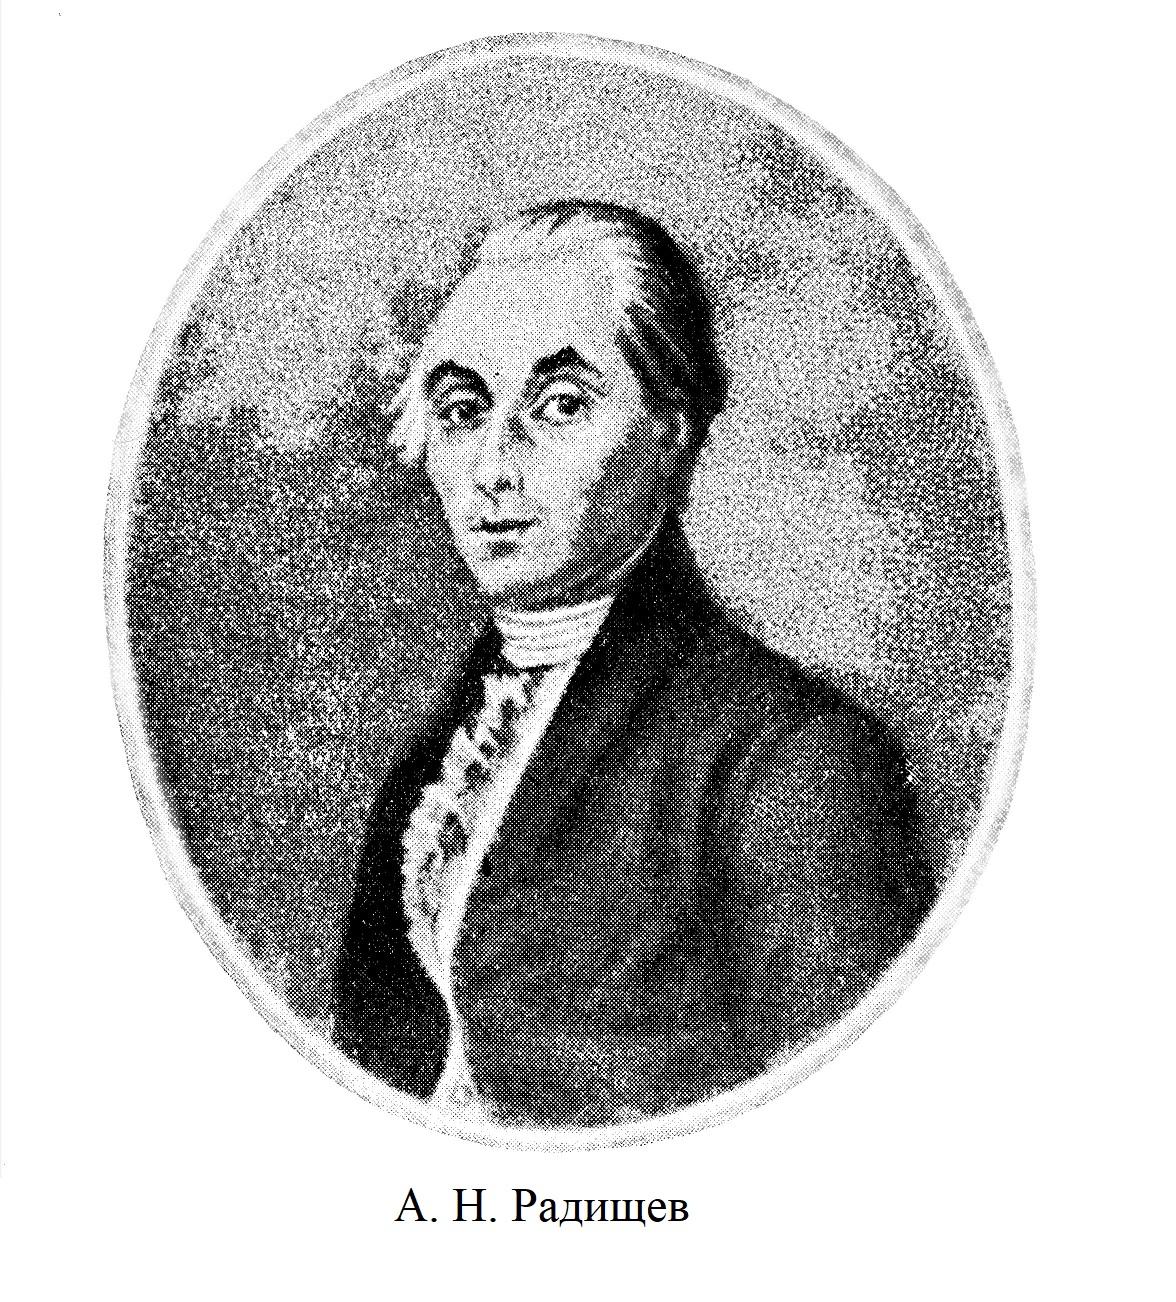 А. Н. Радищев (1749 — 1802).